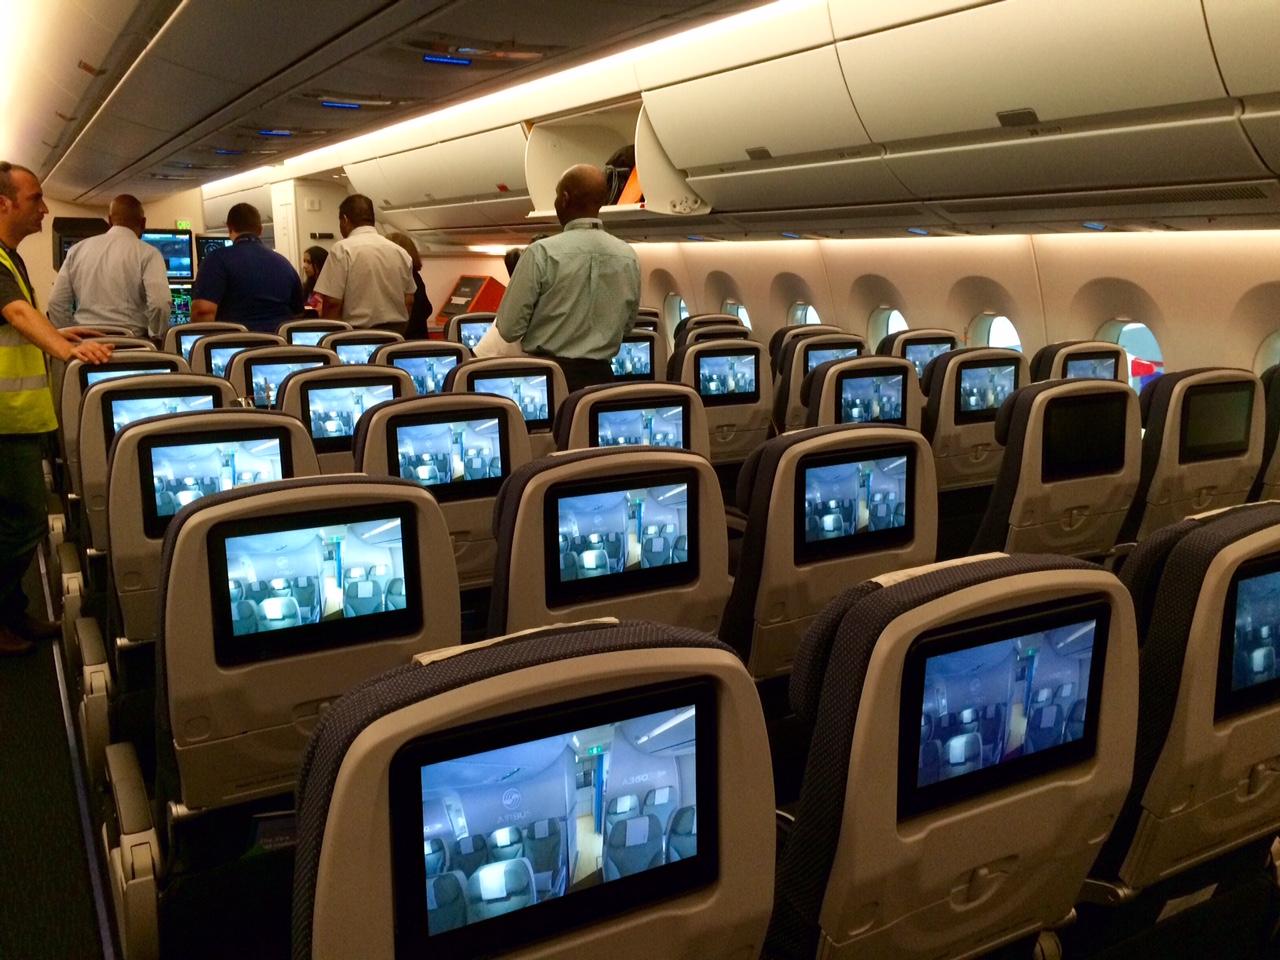 IFE Seat Back Screens